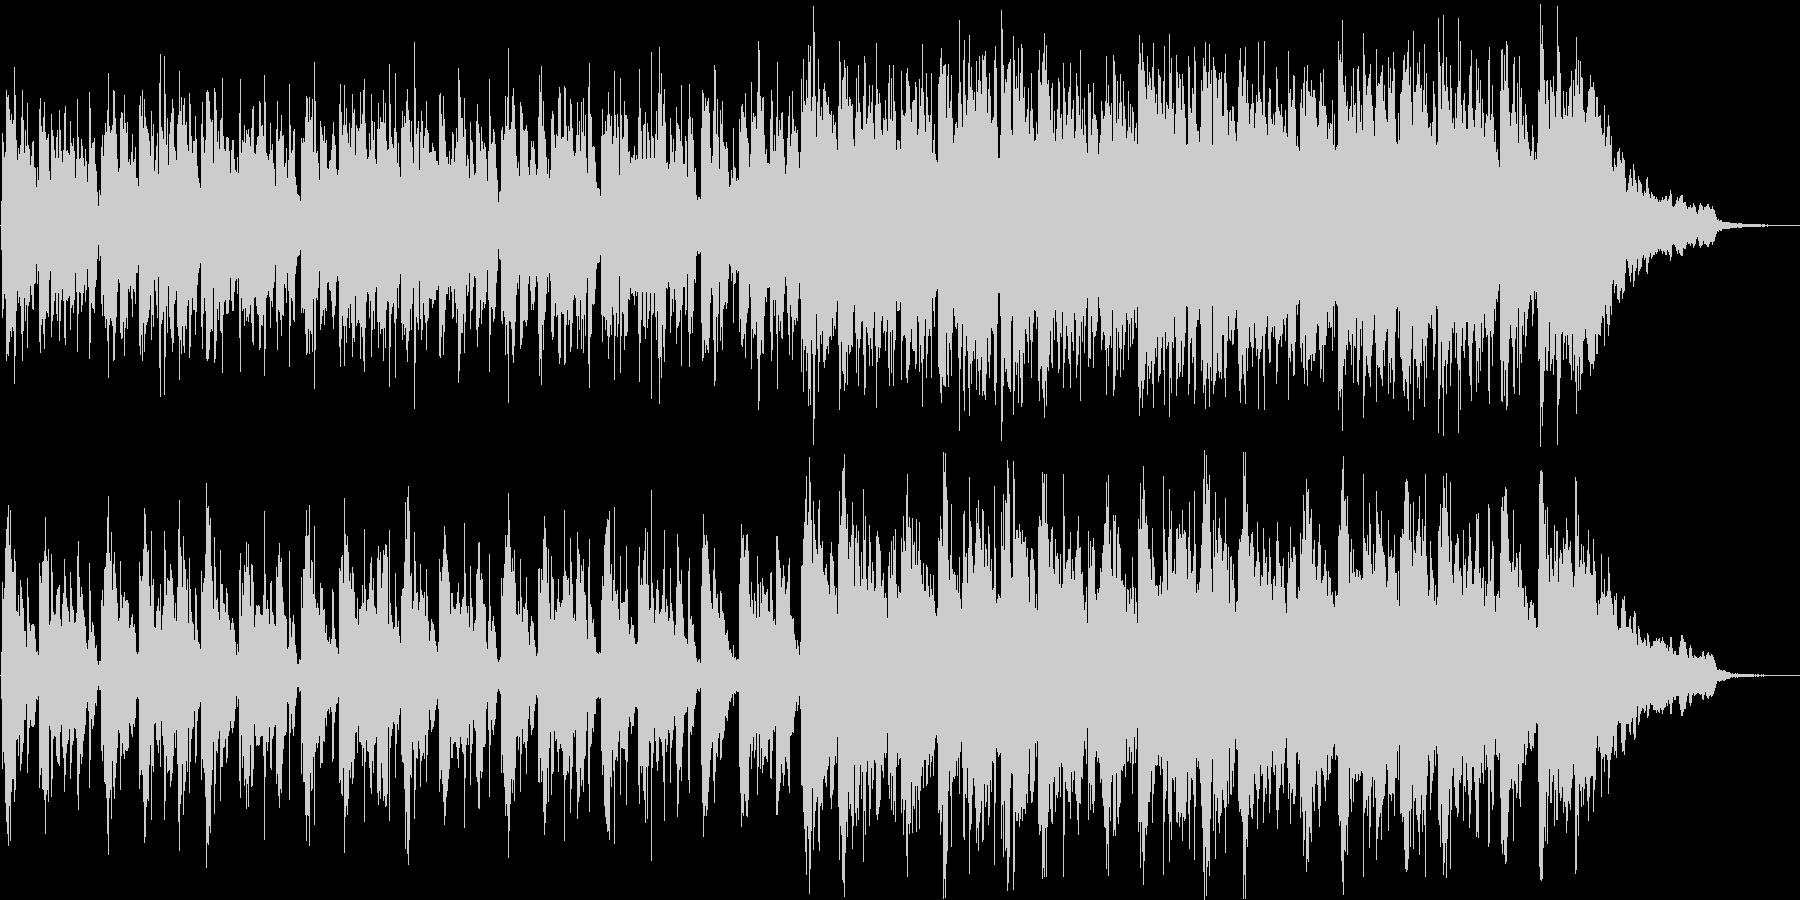 不思議な子供の声を使ったオシャレなBGMの未再生の波形